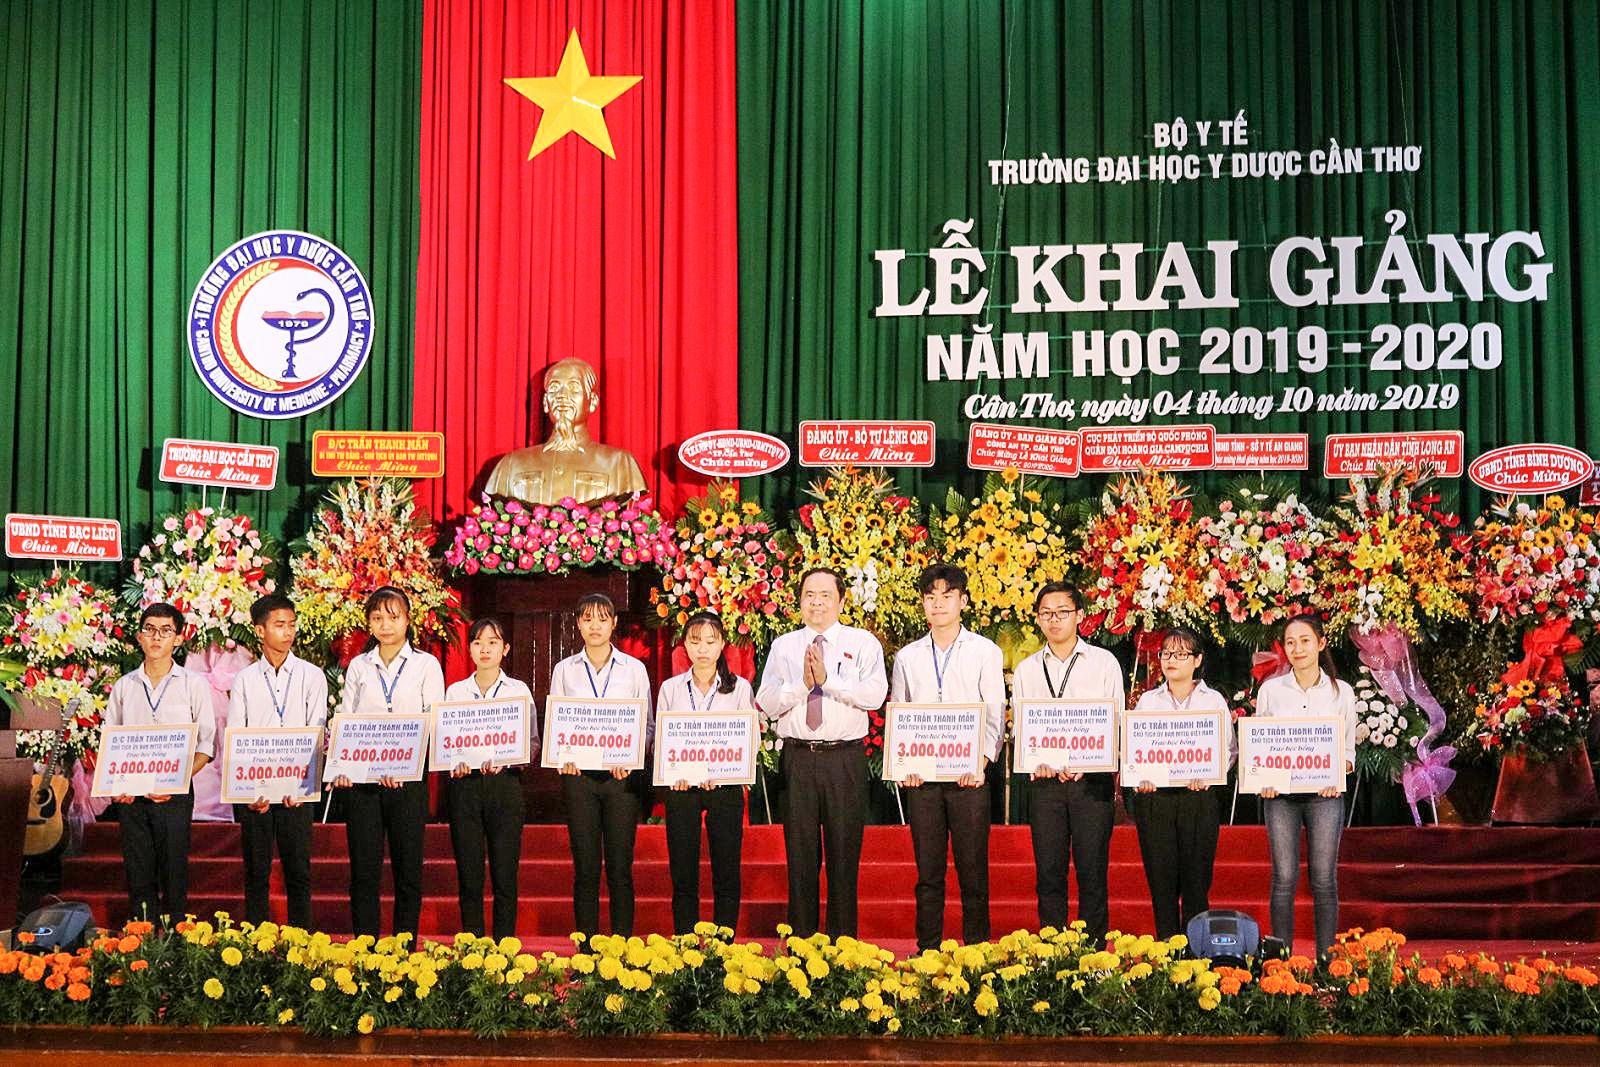 Đồng chí Trần Thanh Mẫn, Bí thư Trung ương Đảng, Chủ tịch Ủy ban Trung ương MTTQVN trao học bổng cho sinh viên vượt khó, học tốt.